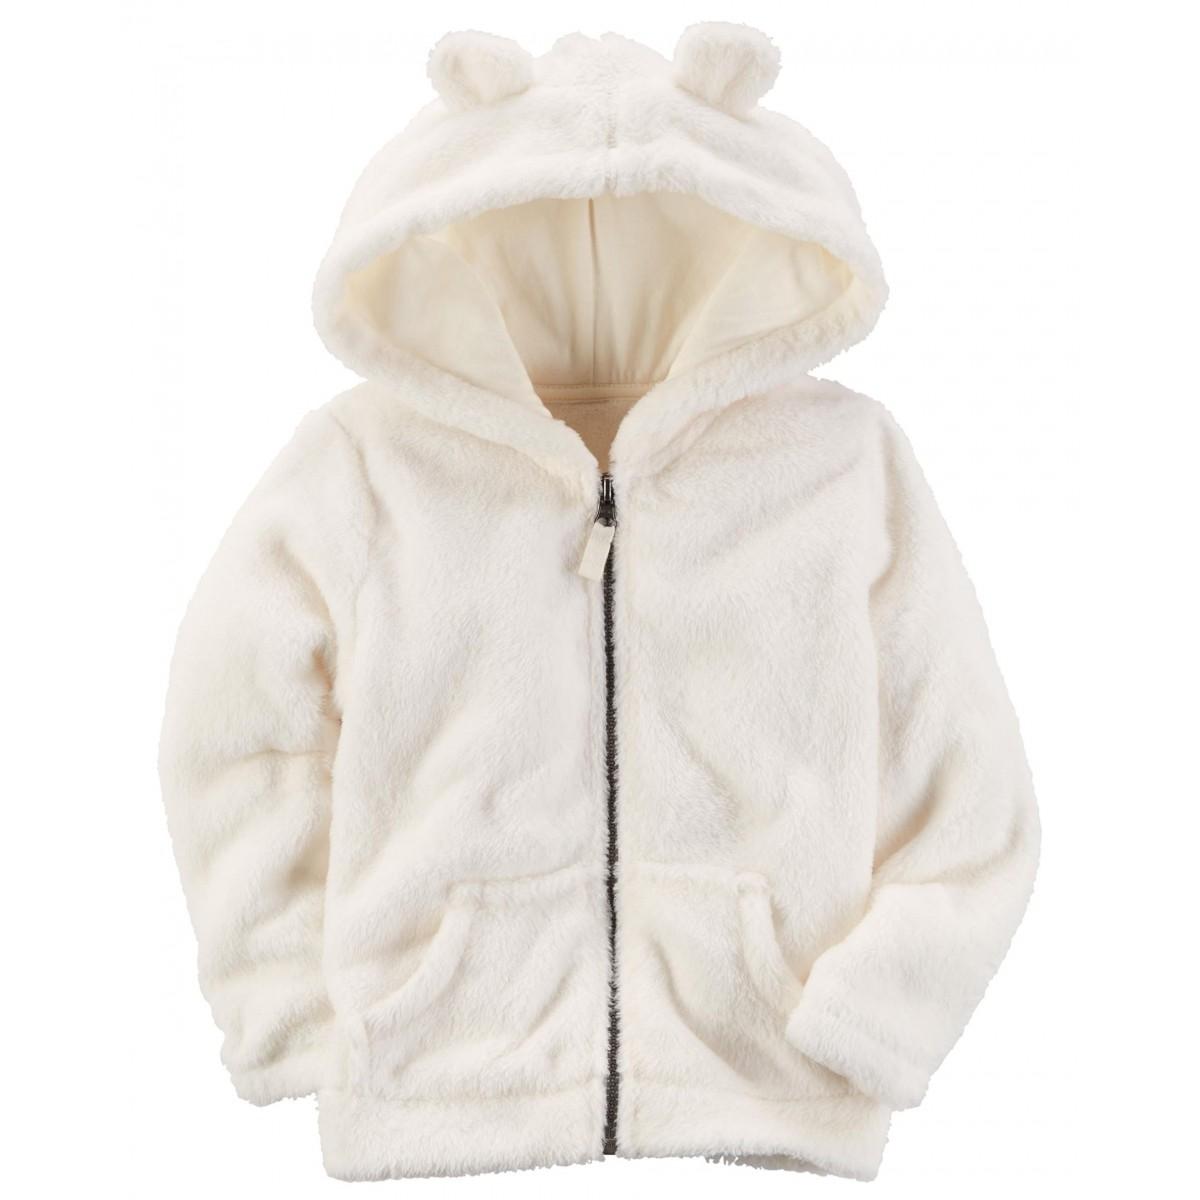 Casaco em Fleece Branco com capuz